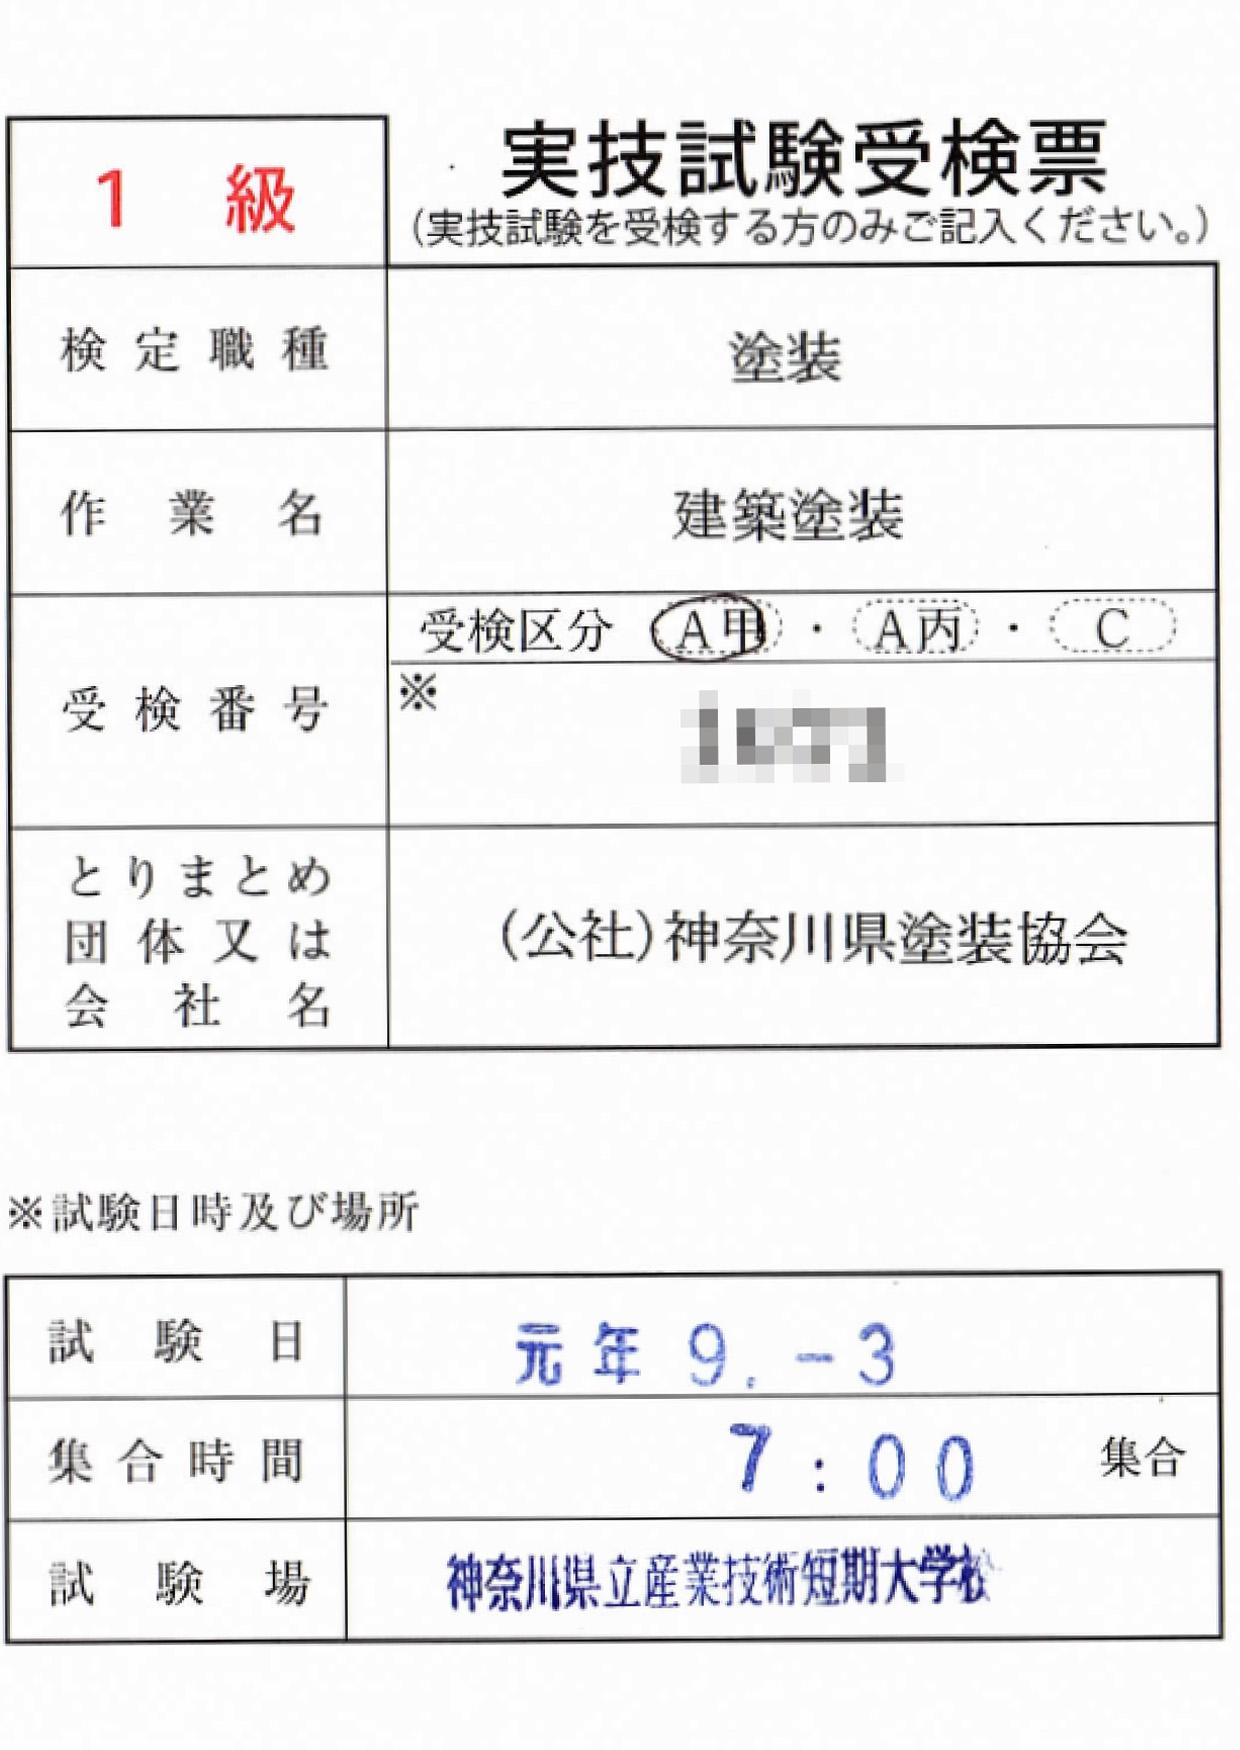 技能検定実技試験受験票